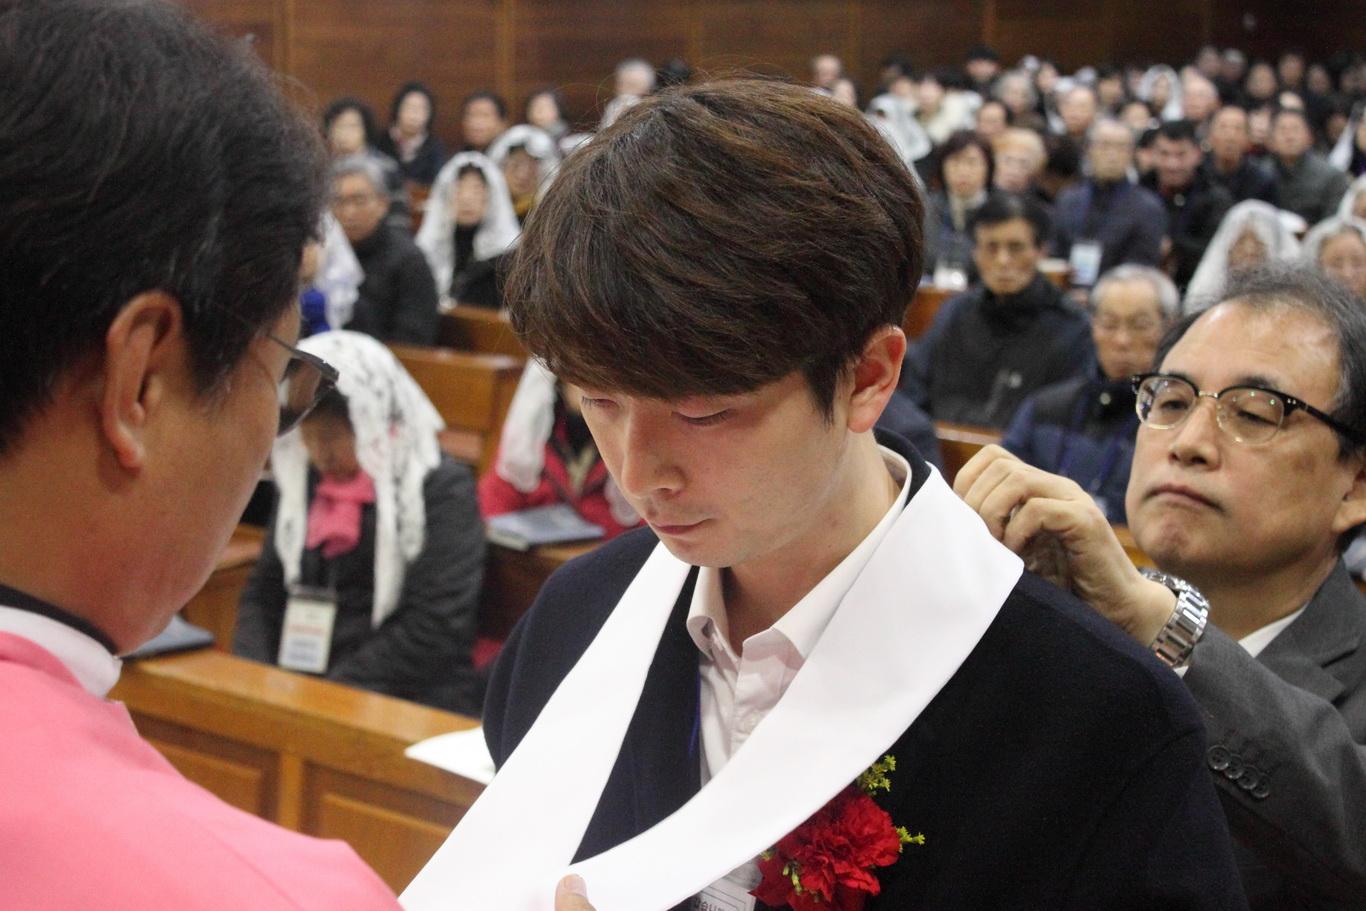 2019-12-15 세례식 (111)_크기변경.JPG